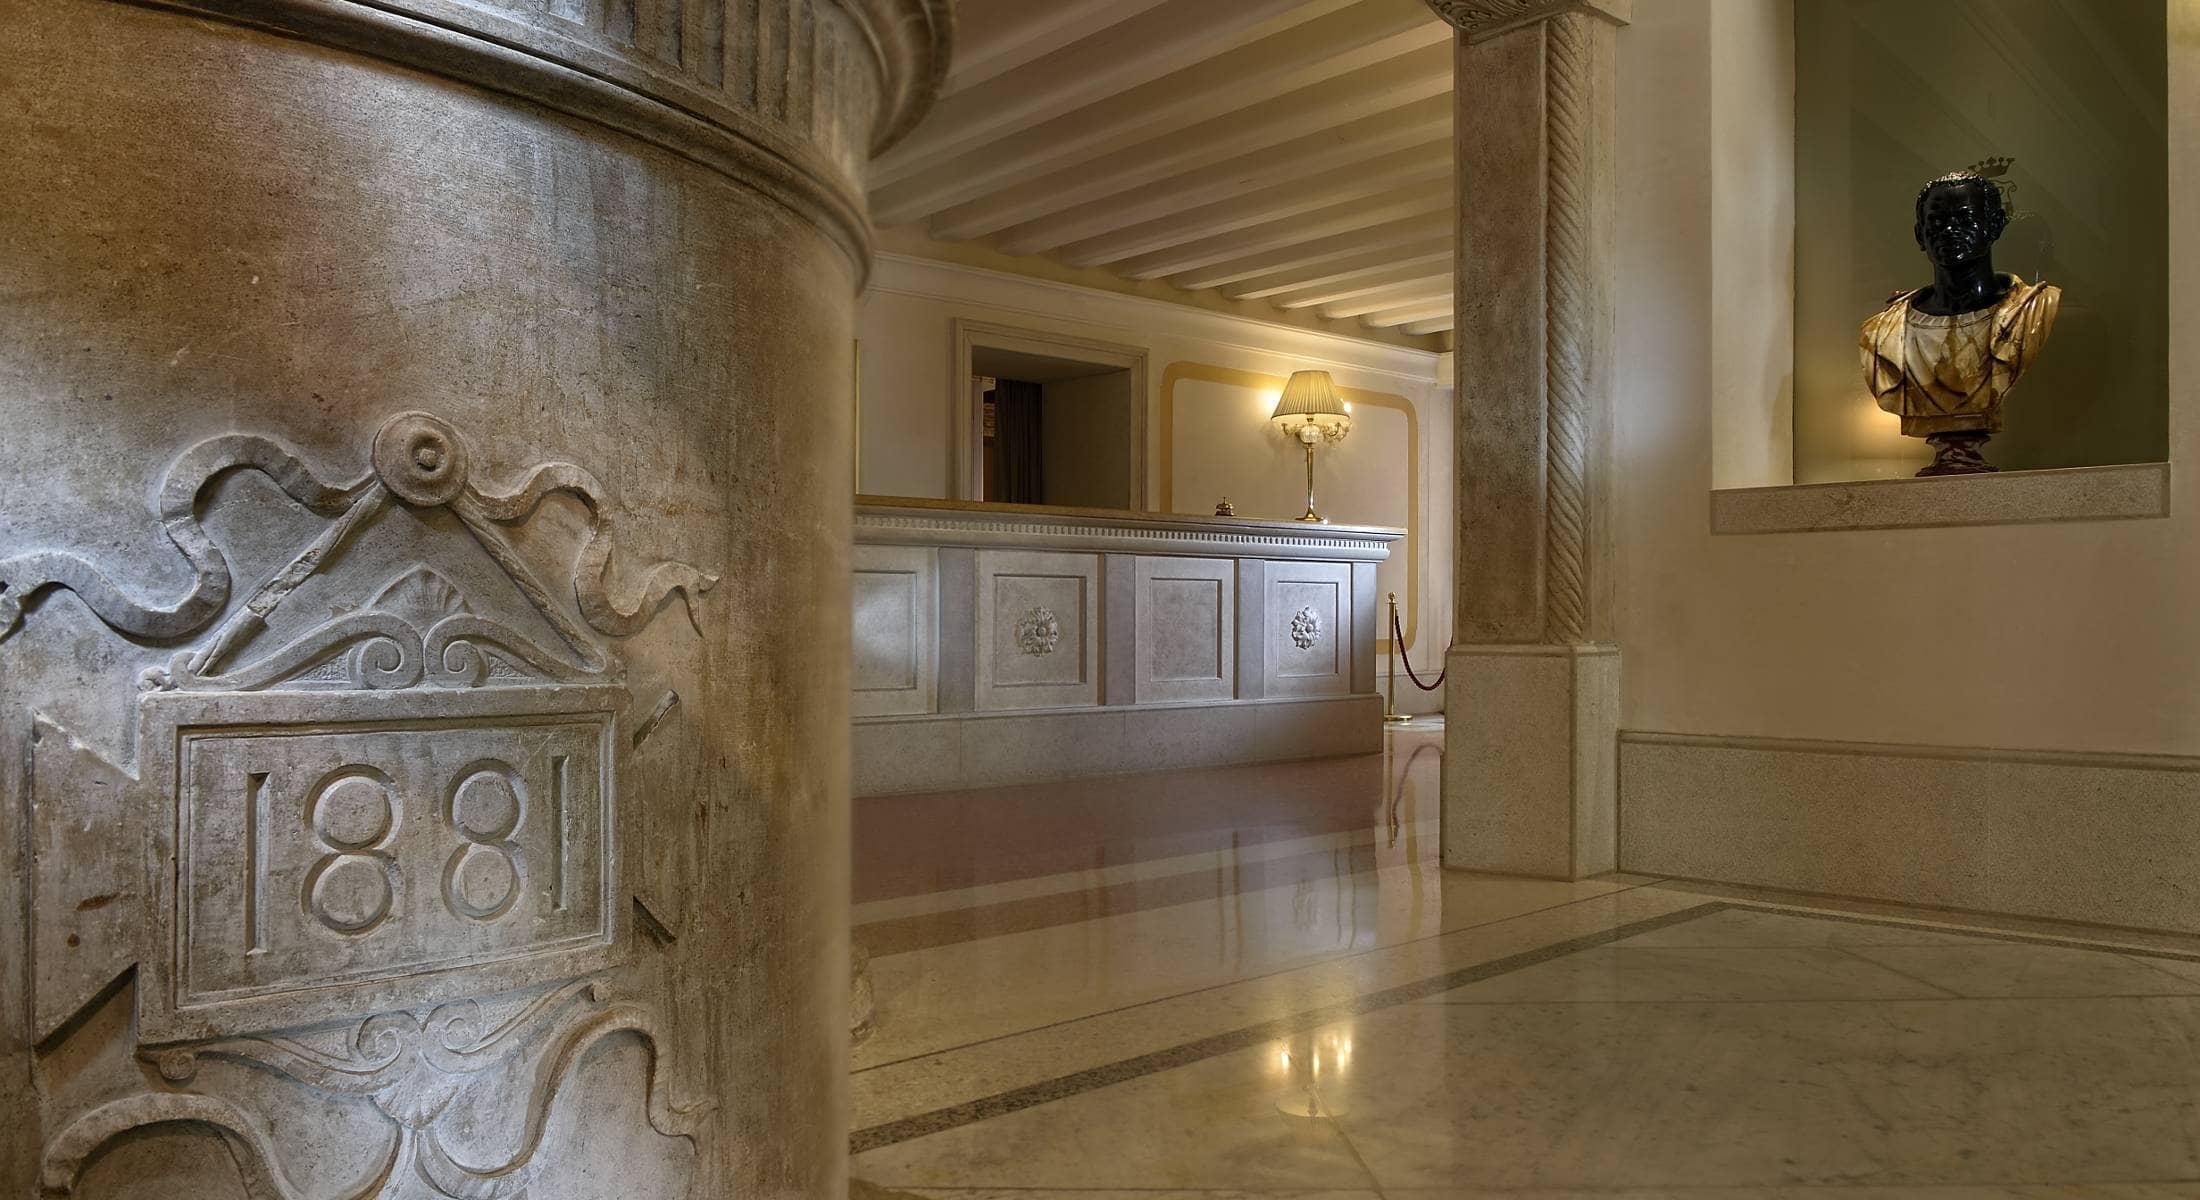 Ai Reali di Venezia in Venice - Book a luxury hotel between